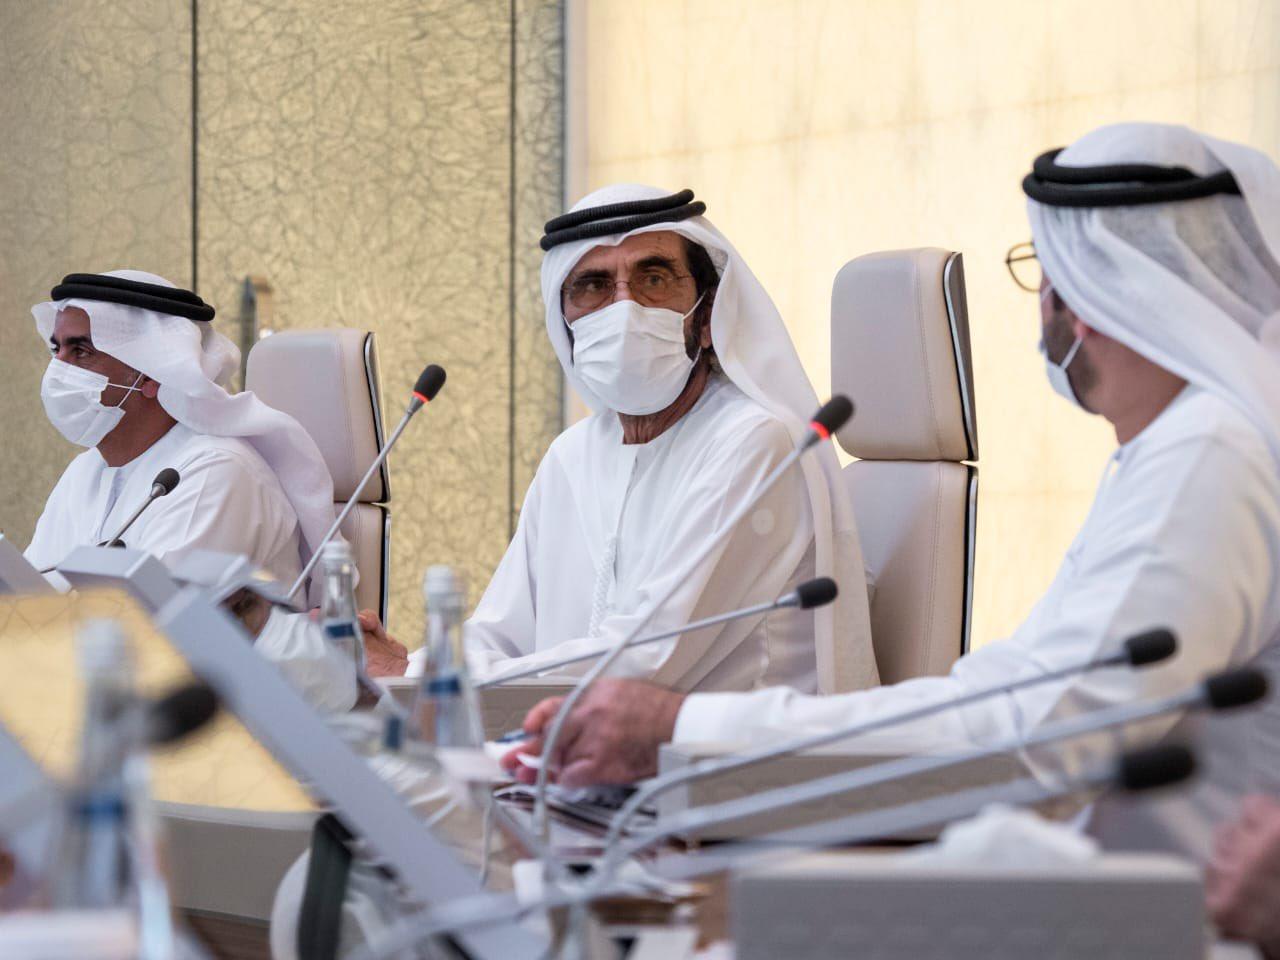 أبرزها الإقامة والجنسية.. تعرف على قرارات اجتماع مجلس وزراء الإمارات 2021